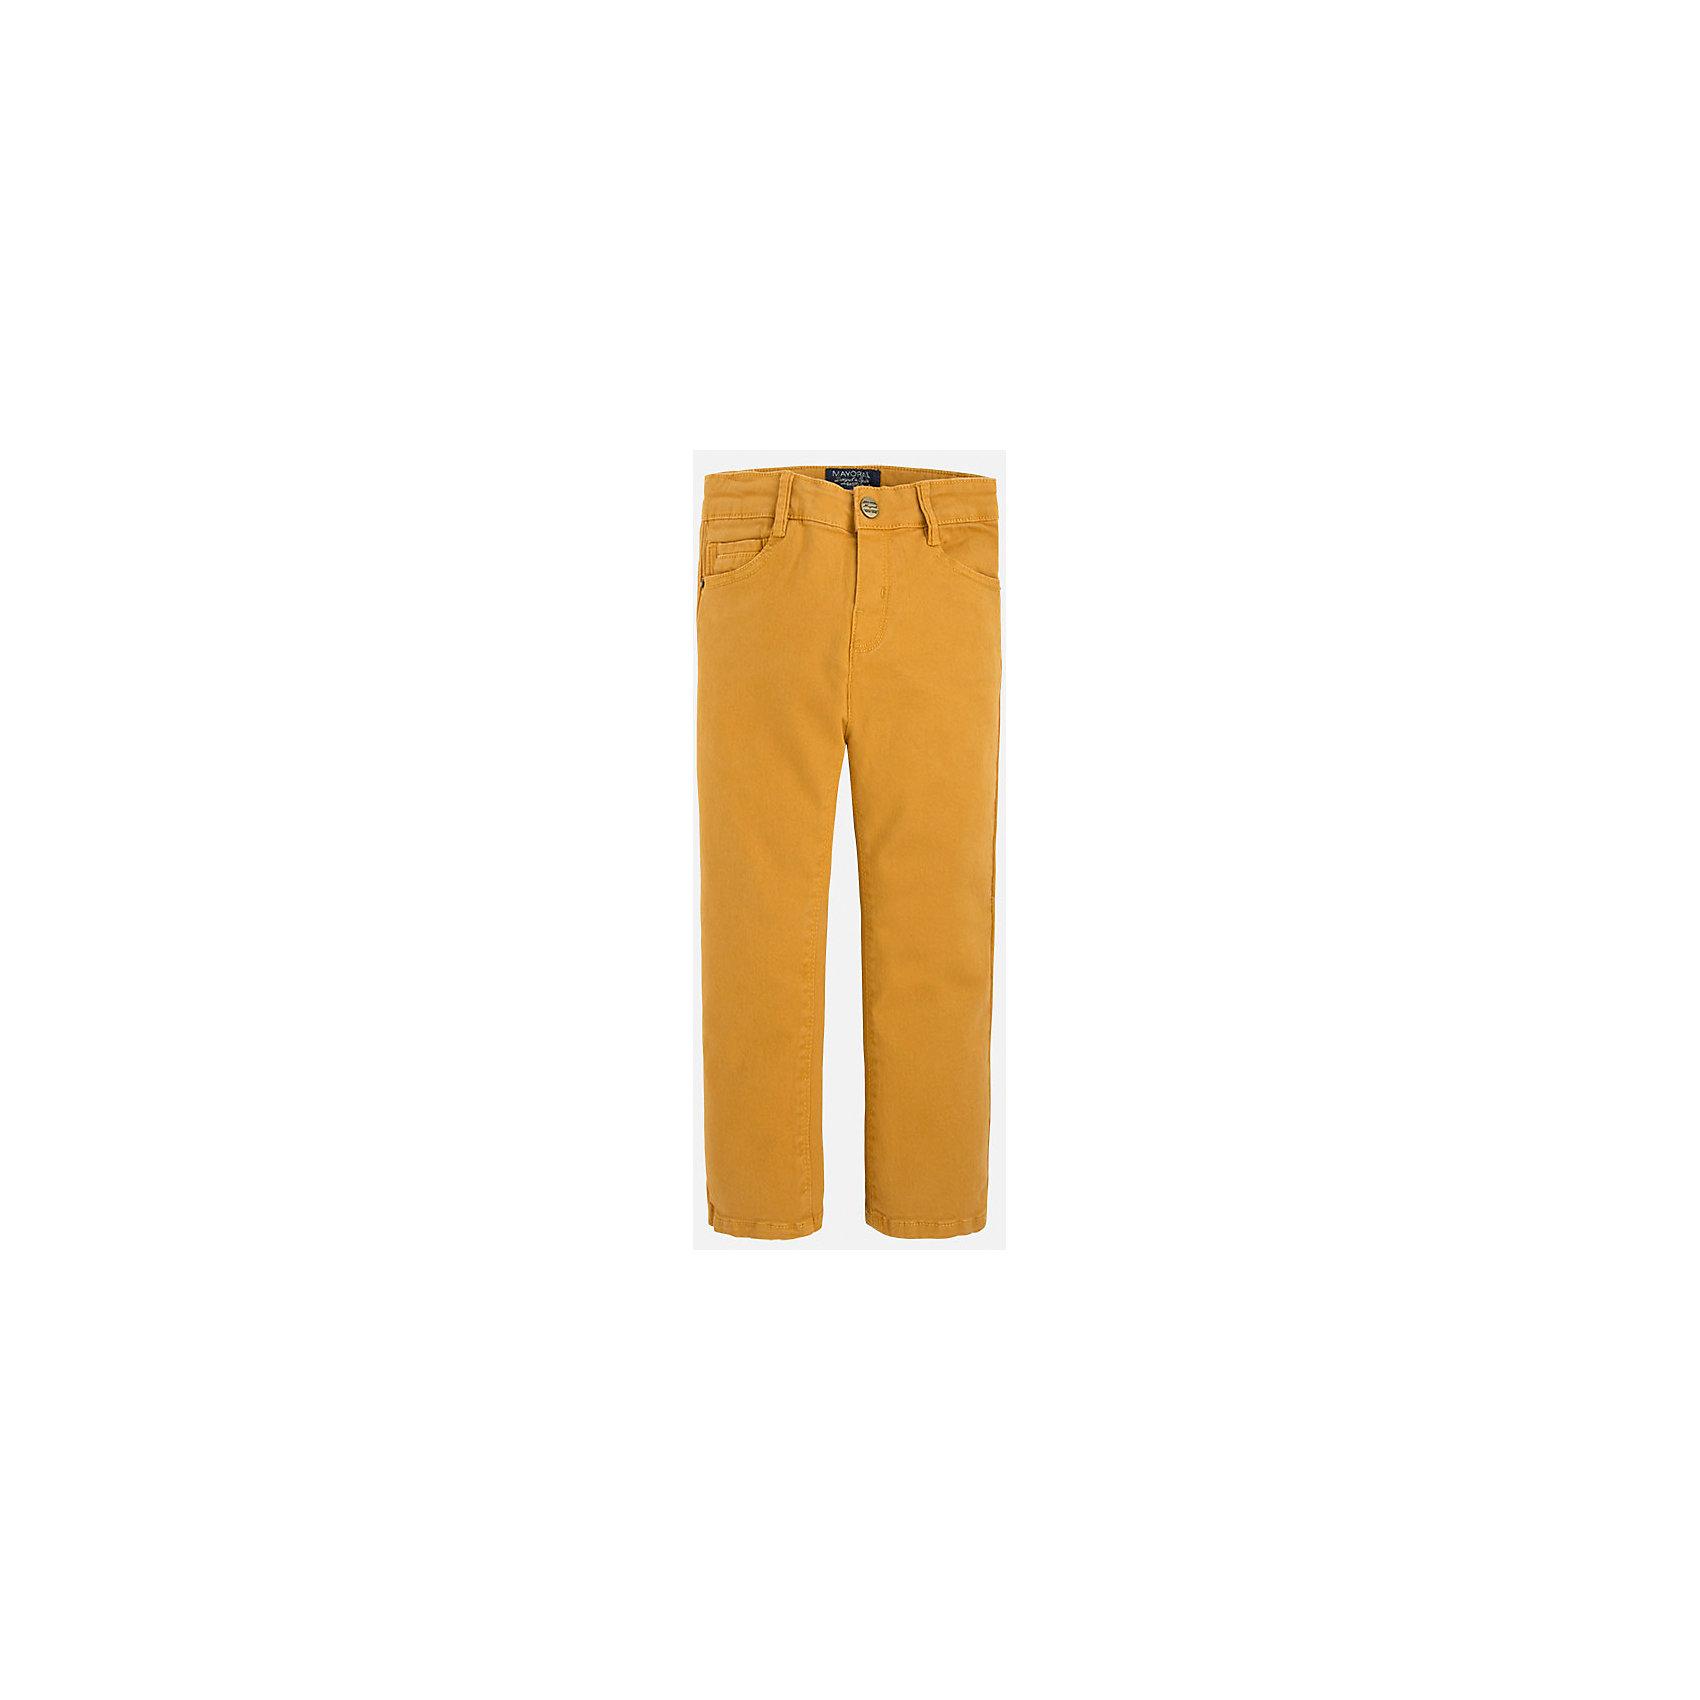 Брюки для мальчика MayoralБрюки для мальчика Mayoral (Майорал)<br>Ультрамодные брюки от известной испанской марки Mayoral (Майорал), выполненные из хлопковой ткани с небольшим содержанием эластана, станут прекрасным дополнением гардероба вашего мальчика. Брюки на поясе застегиваются на пуговицу, а также имеют ширинку на застежке-молнии и шлевки для ремня, объем талии регулируется. Модель имеет два кармана и кармашек для ключей спереди и два накладных кармана сзади.<br><br>Дополнительная информация:<br><br>- Цвет: медовый<br>- Состав: 98% хлопок, 2% эластан<br>- Уход: бережная стирка при 30 градусах<br><br>Брюки для мальчика Mayoral (Майорал) можно купить в нашем интернет-магазине.<br><br>Ширина мм: 215<br>Глубина мм: 88<br>Высота мм: 191<br>Вес г: 336<br>Цвет: бежевый<br>Возраст от месяцев: 18<br>Возраст до месяцев: 24<br>Пол: Мужской<br>Возраст: Детский<br>Размер: 92,134,128,122,116,110,104,98<br>SKU: 4820887